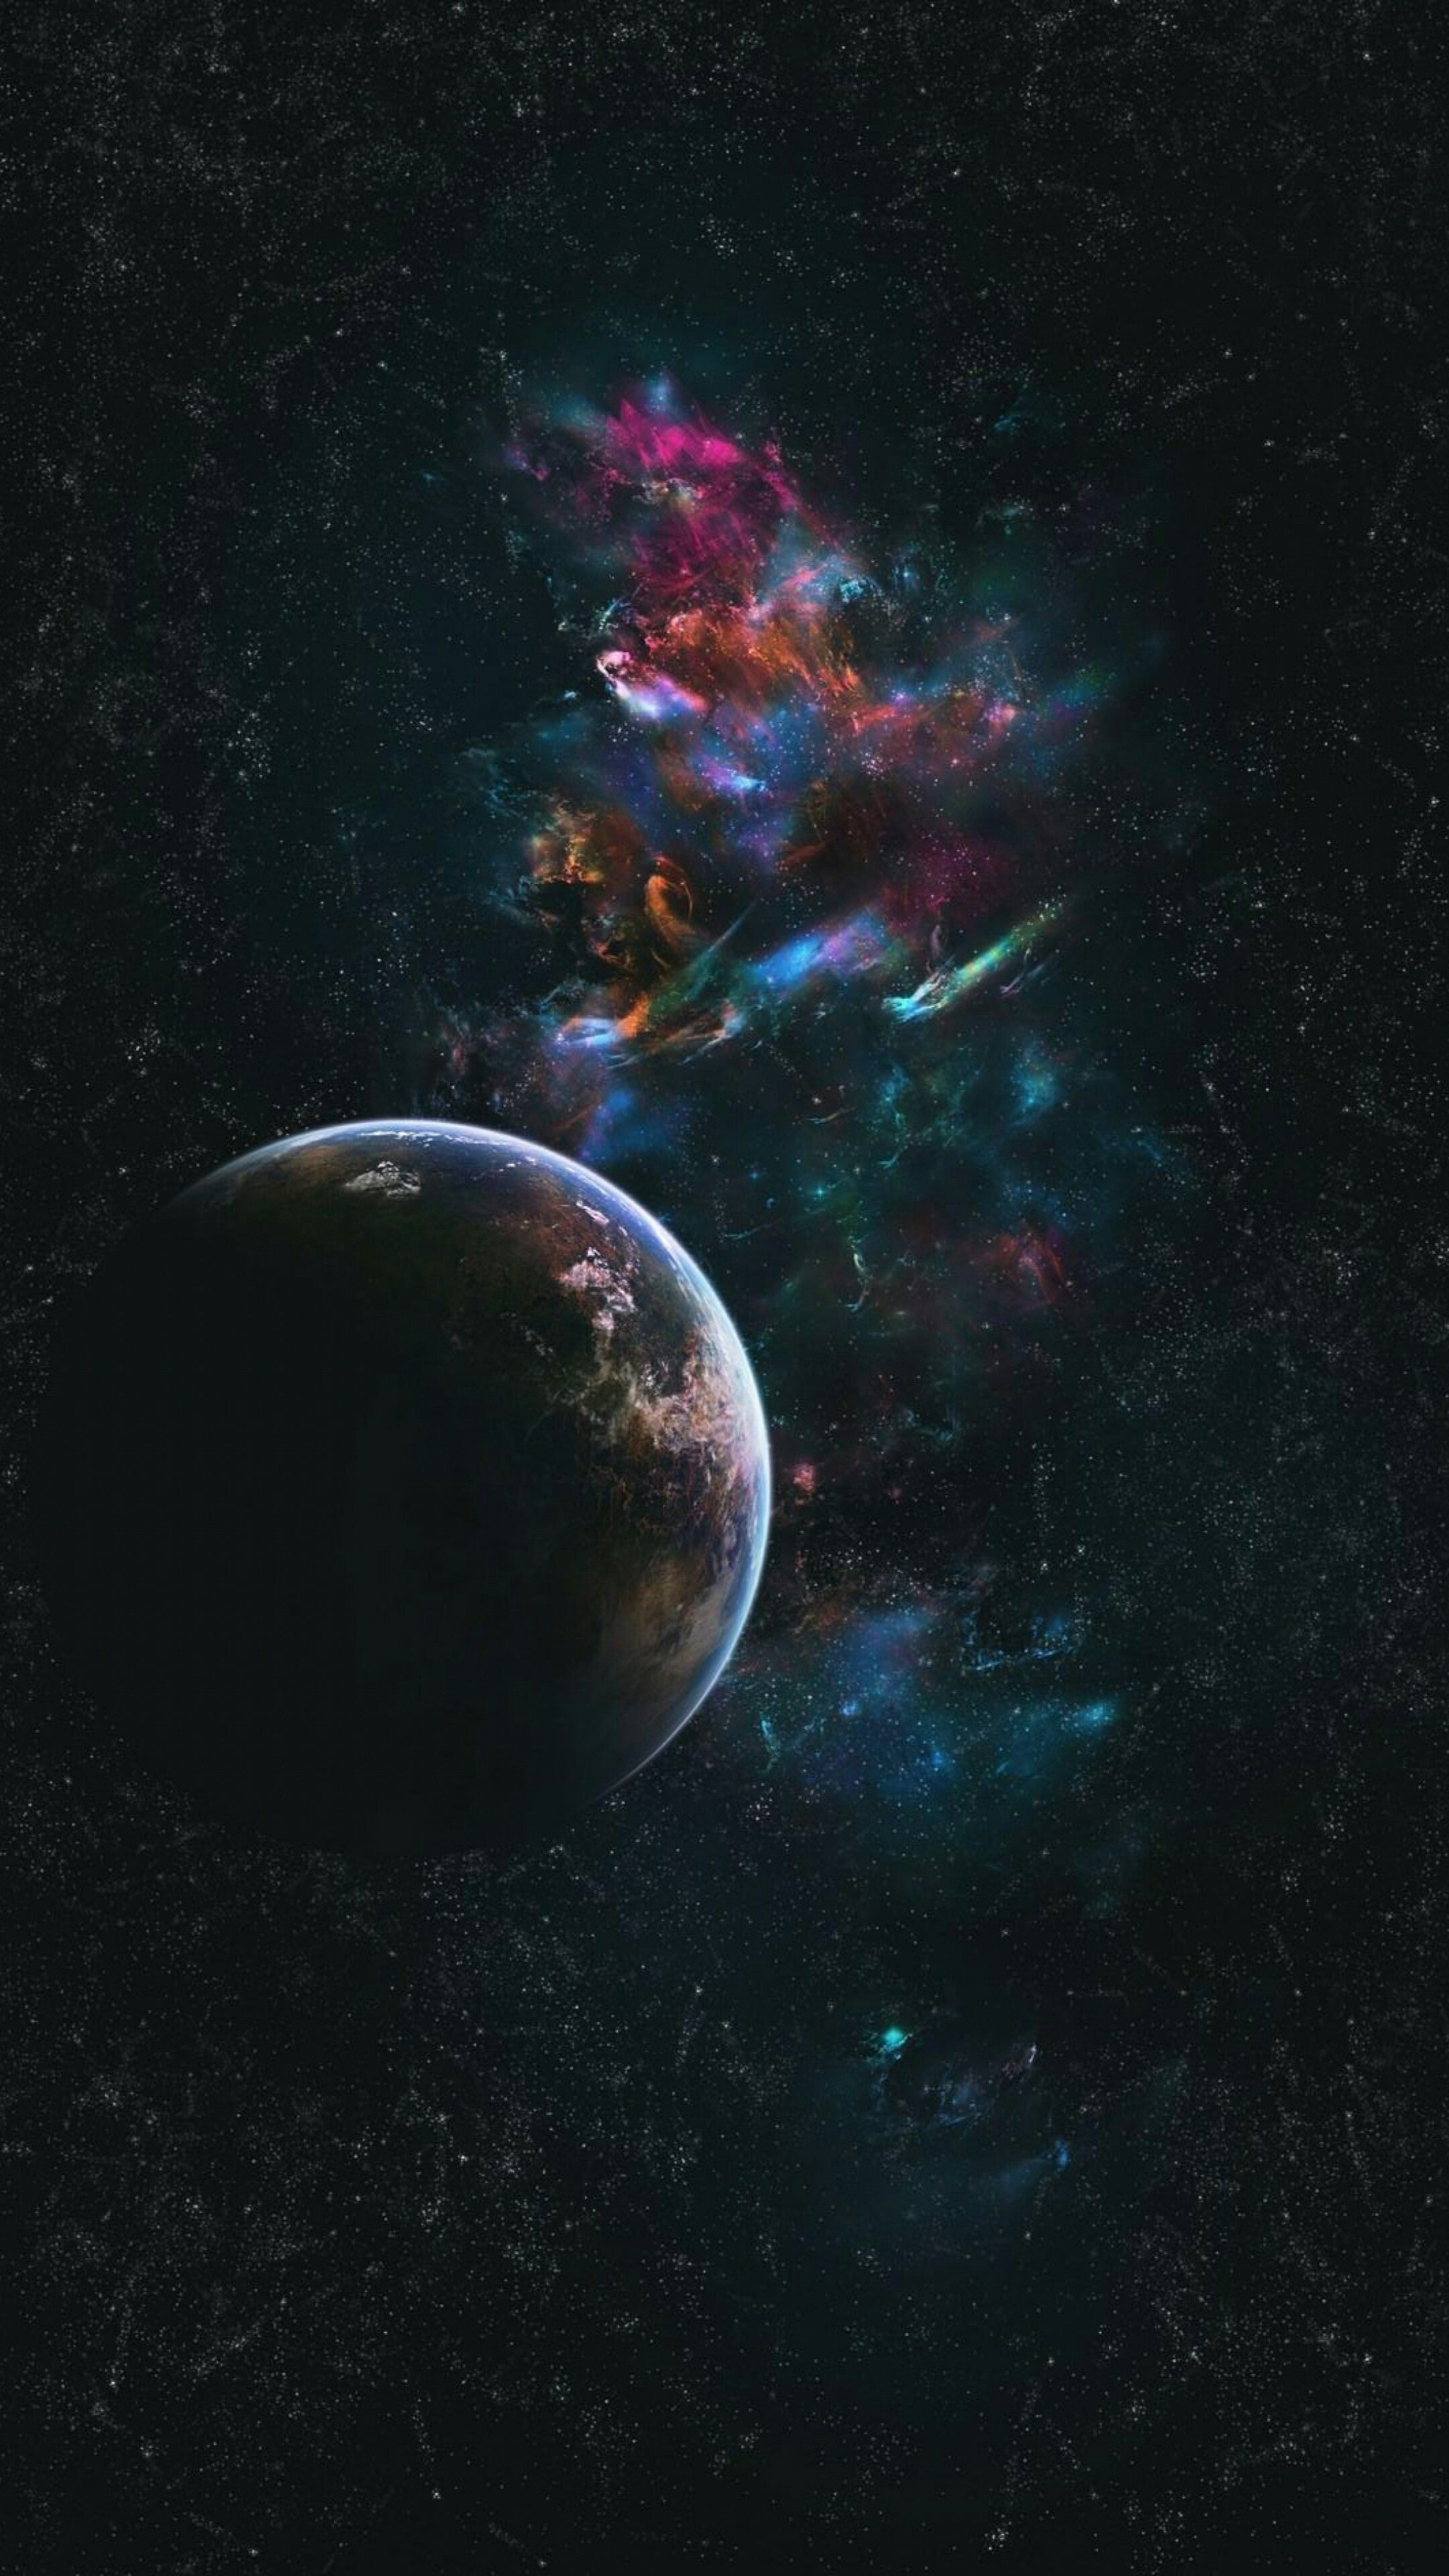 Ảnh chất lượng 4k rất đẹp - vũ trụ huyền bí